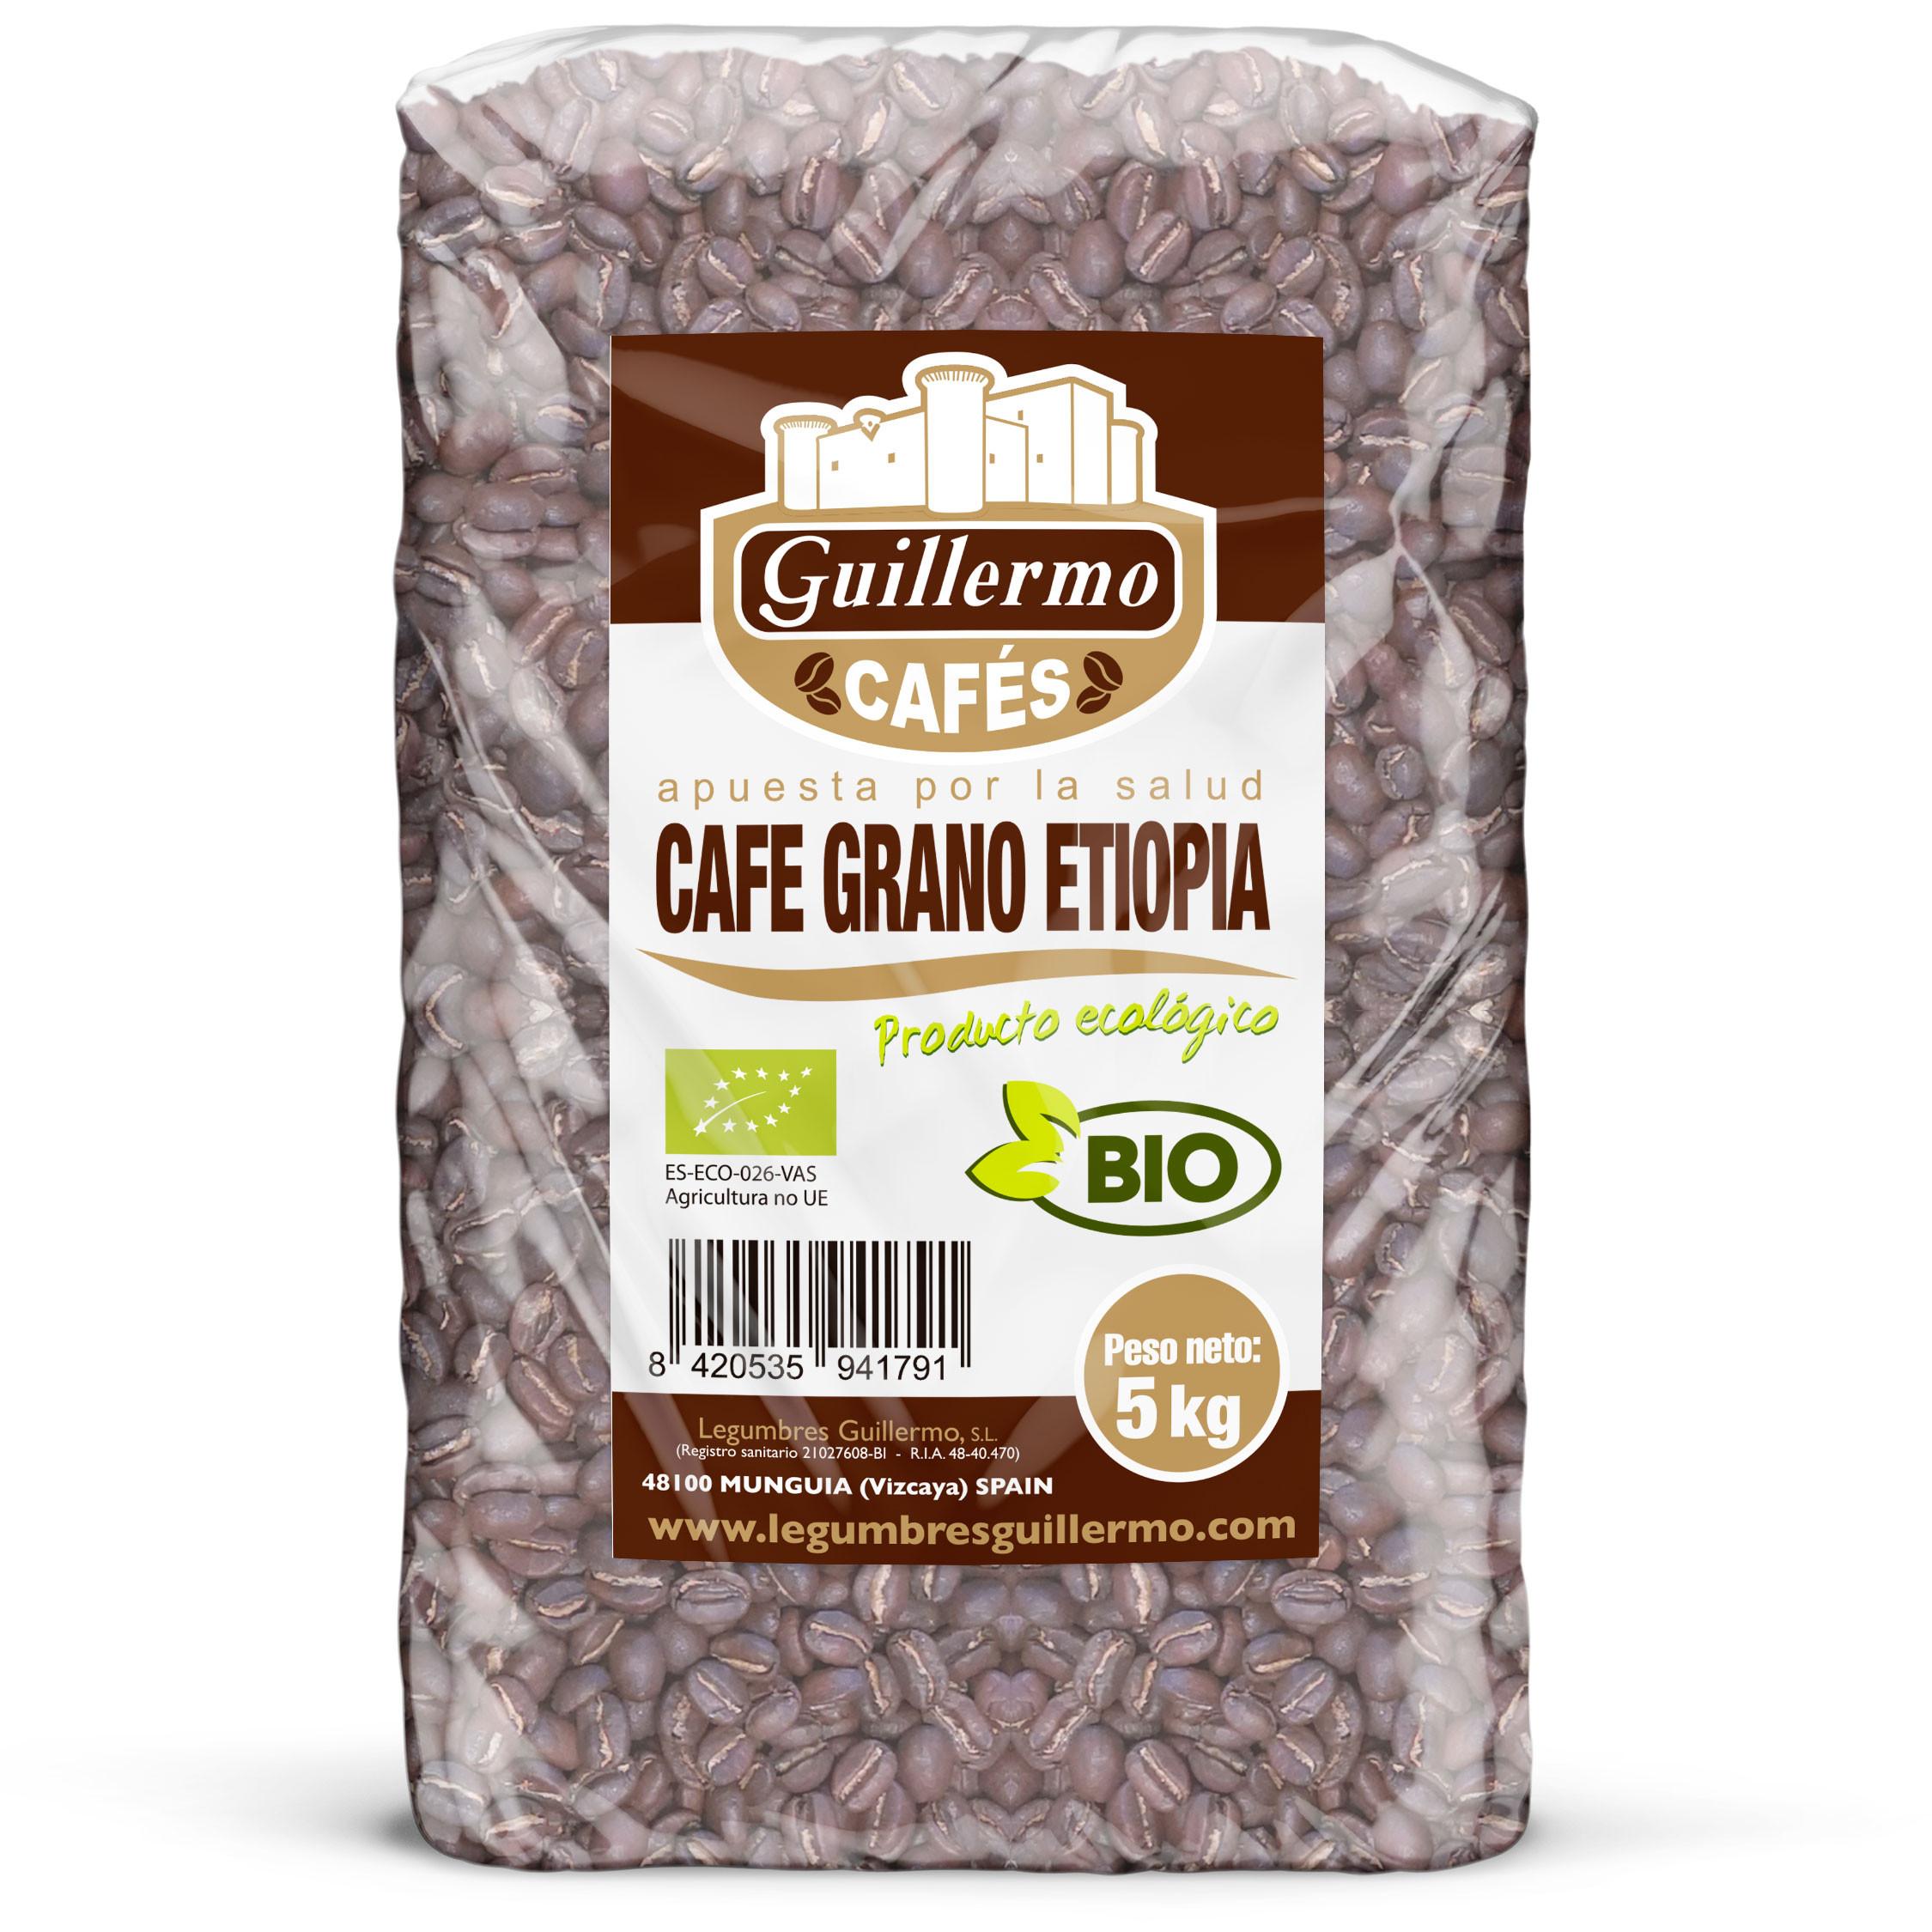 Guillermo Horeca Café grano Etiopía Ecológico BIO Granel 5kg